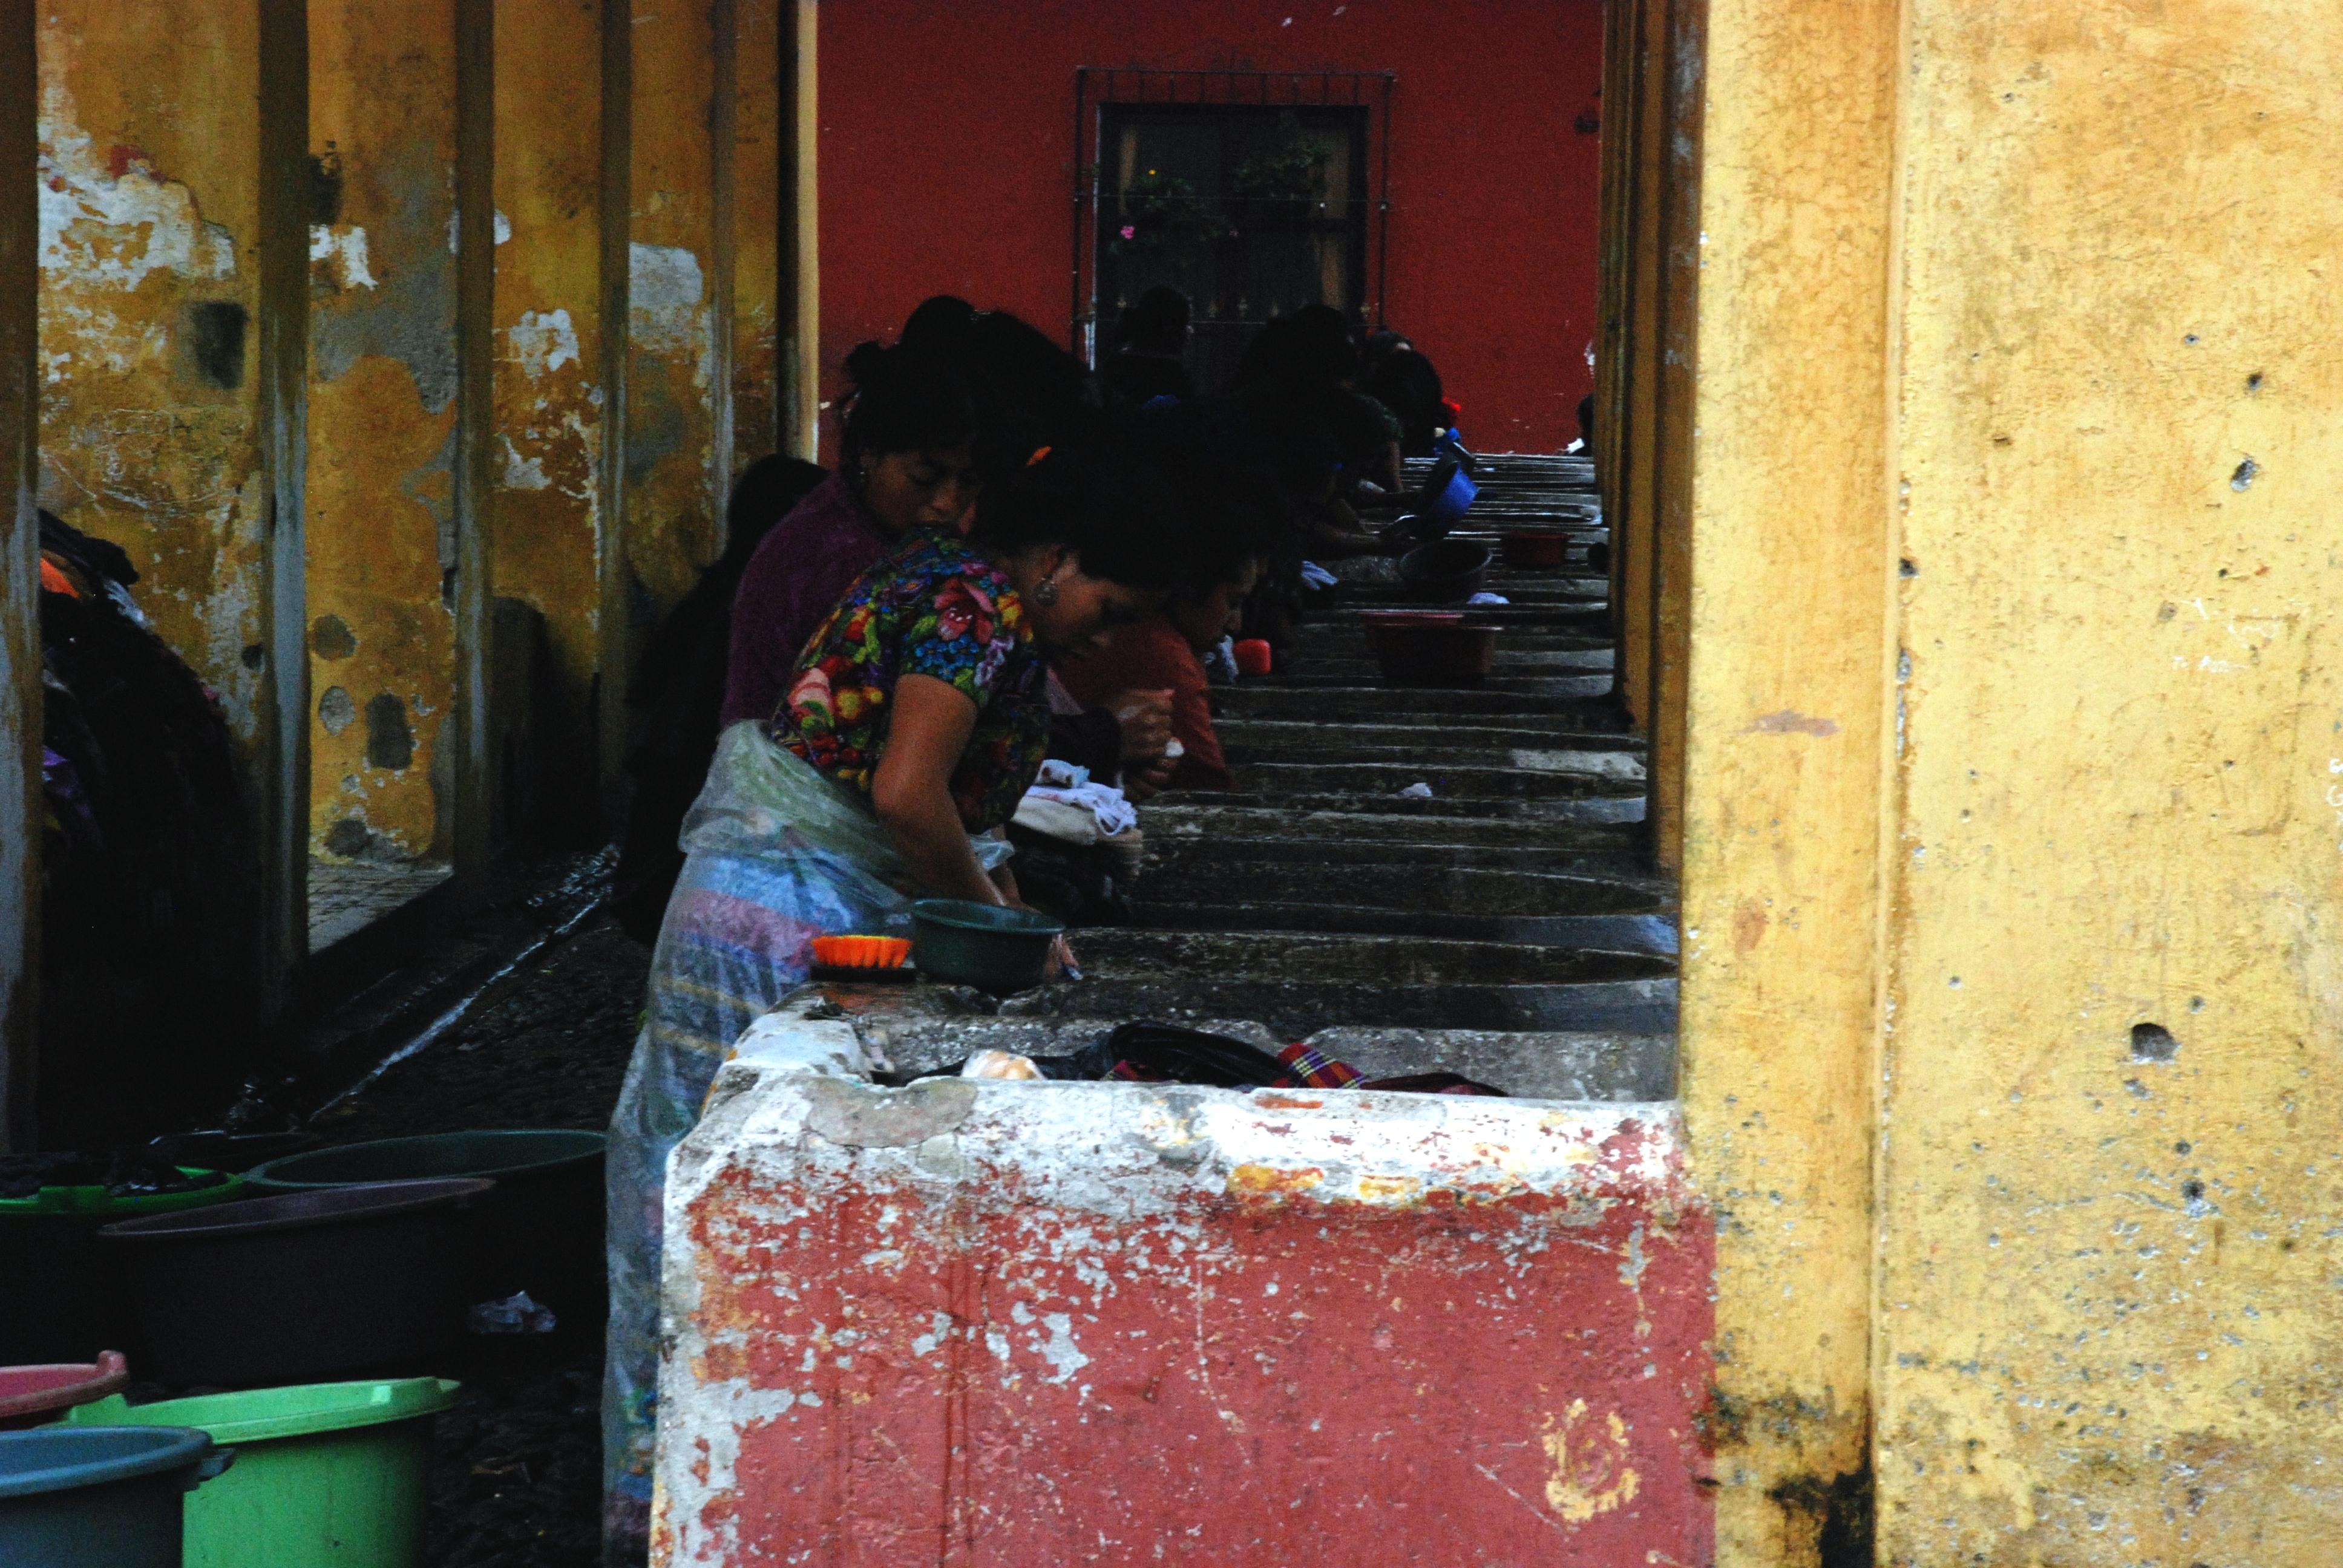 Imagen de la noticia Fortalecer las capacidades políticas de las mujeres para la prevención de la violencia y la construcción de nuevas prácticas de vida digna